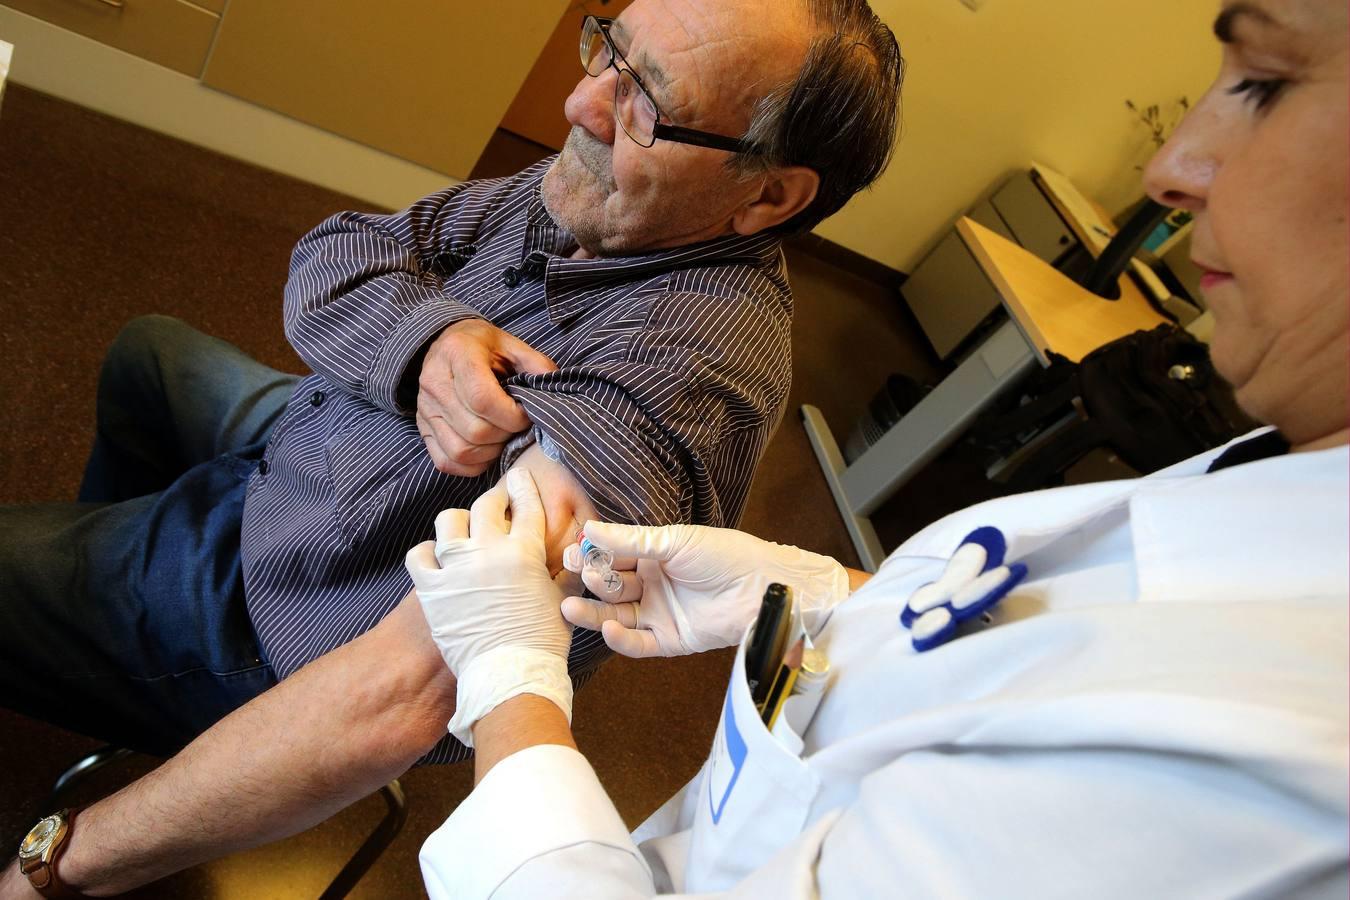 3 de enero. La provincia de Cádiz padecía una epidemia de gripe que dejaba en casa a miles de estudiantes y trabajadores gaditanos. El pico clínico llegó a los 344 afectados por cada cien mil habitantes.